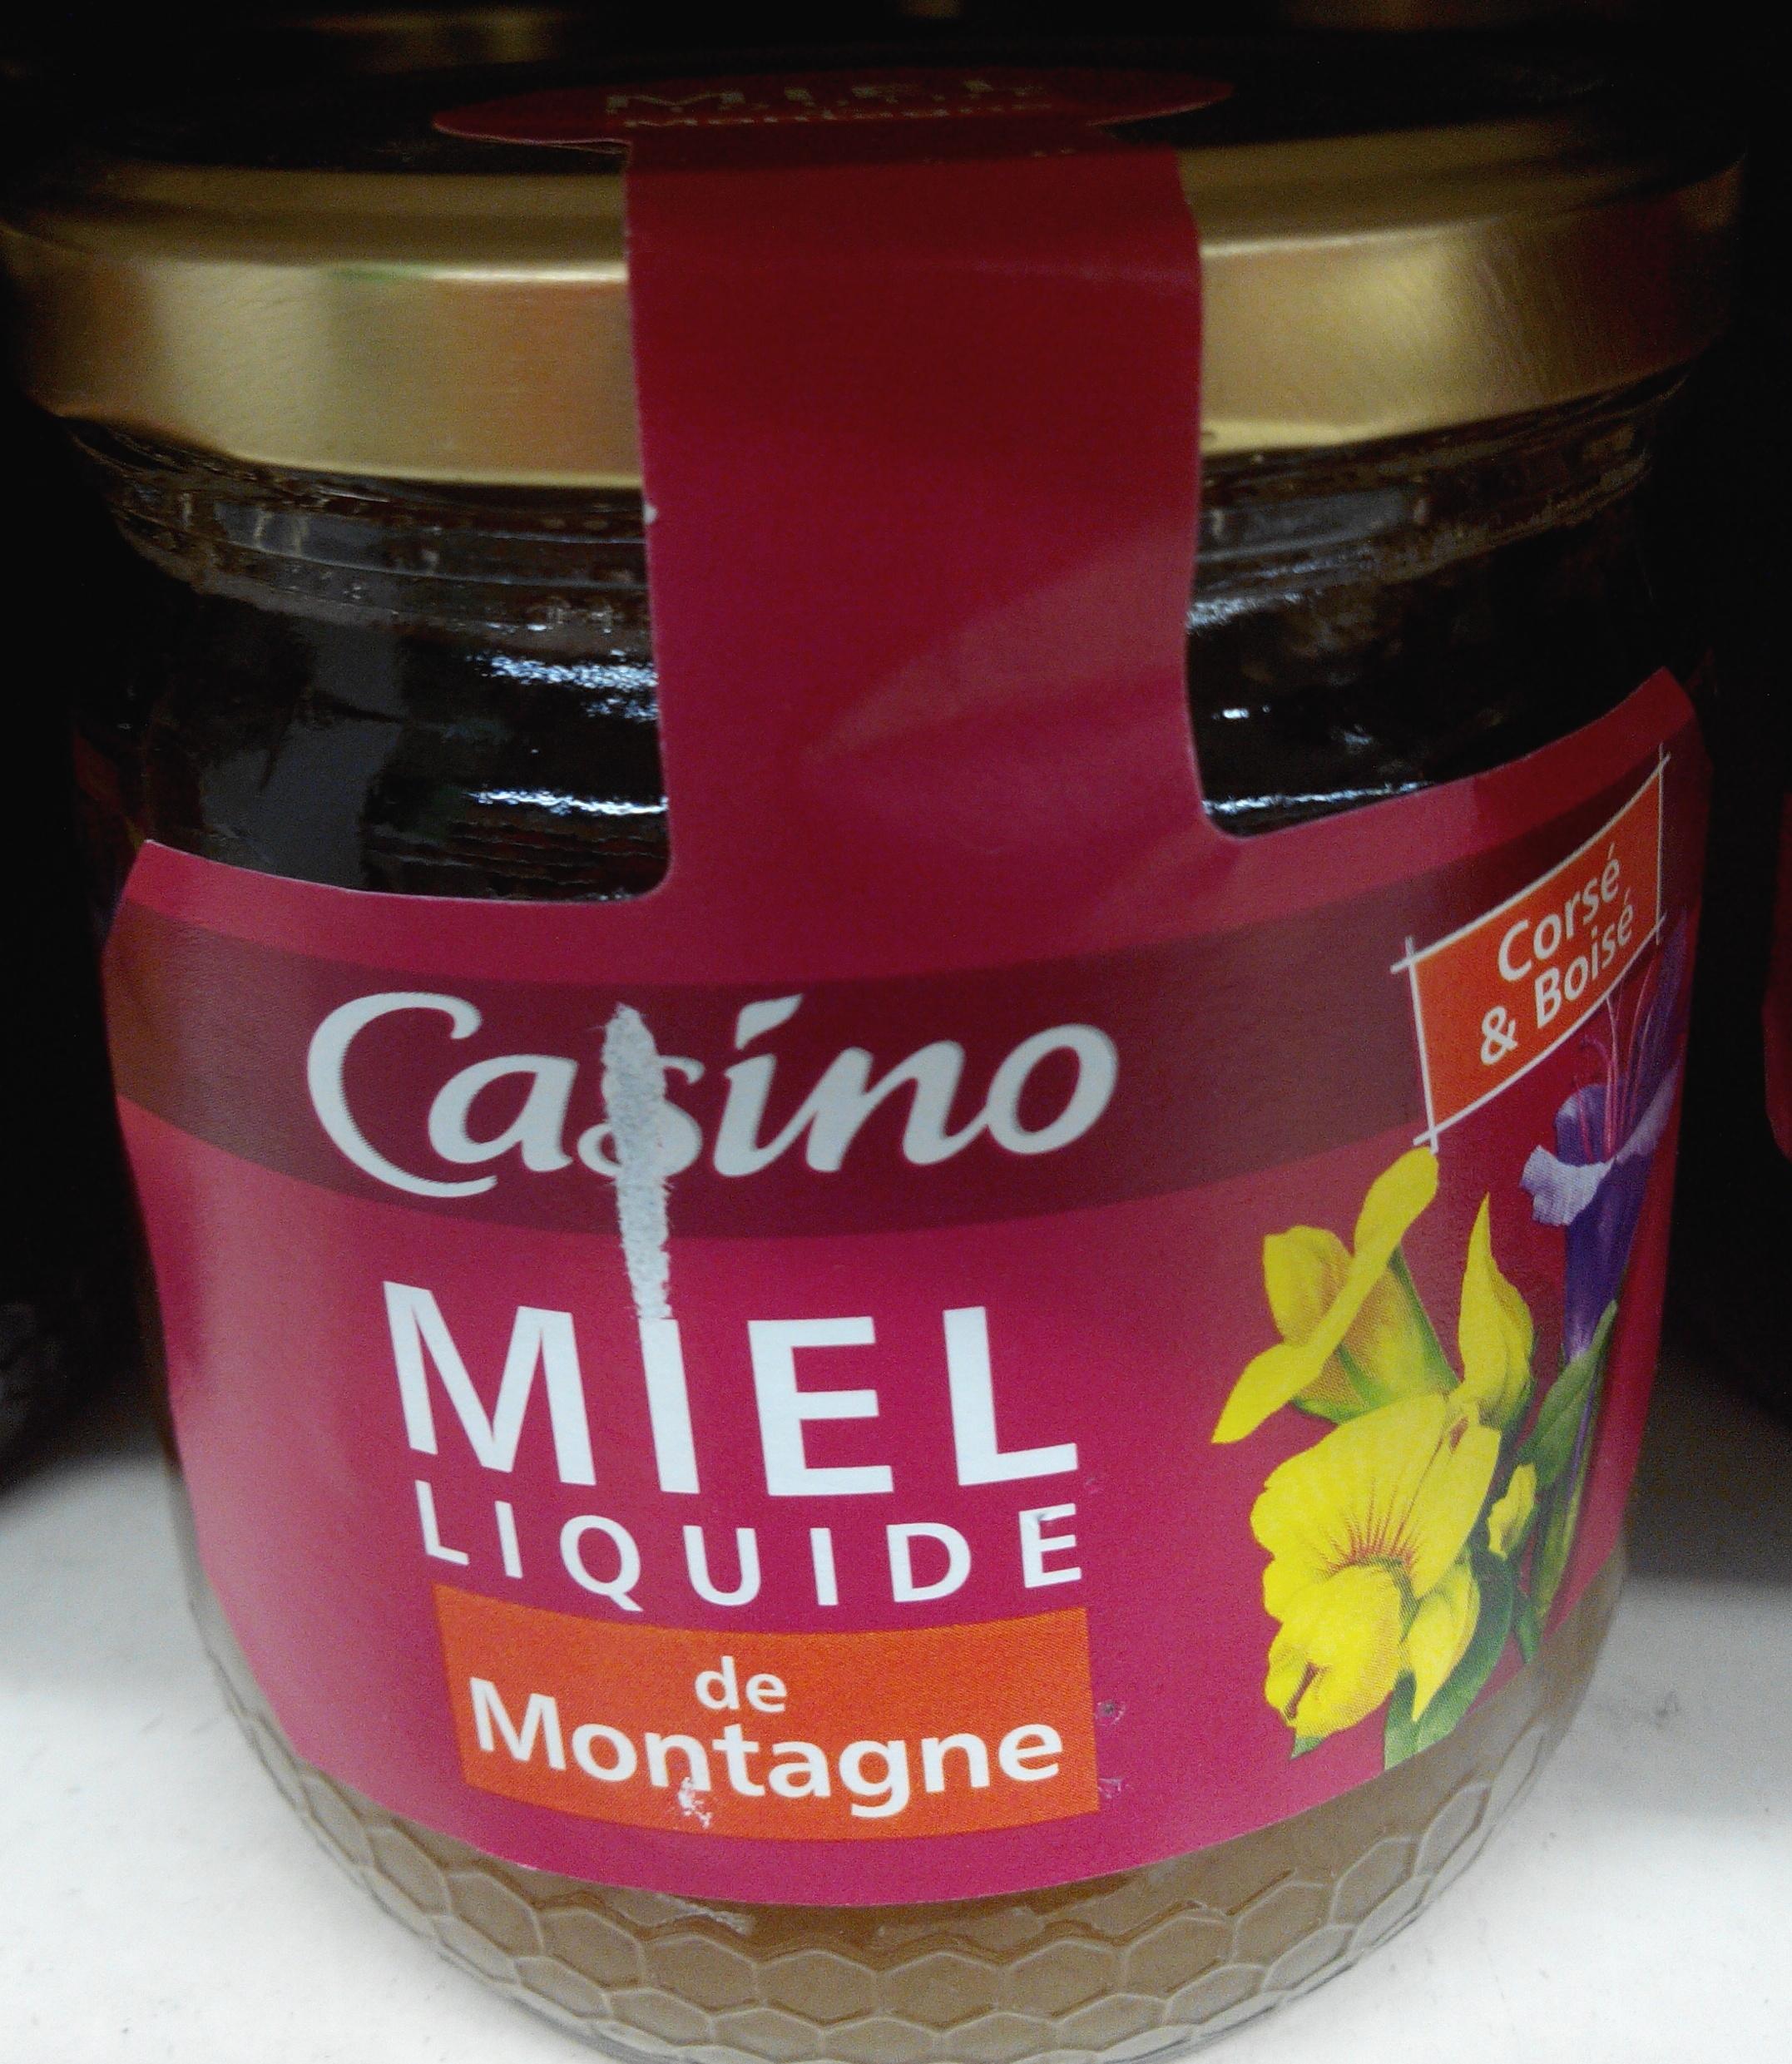 Miel liquide de montagne - Produit